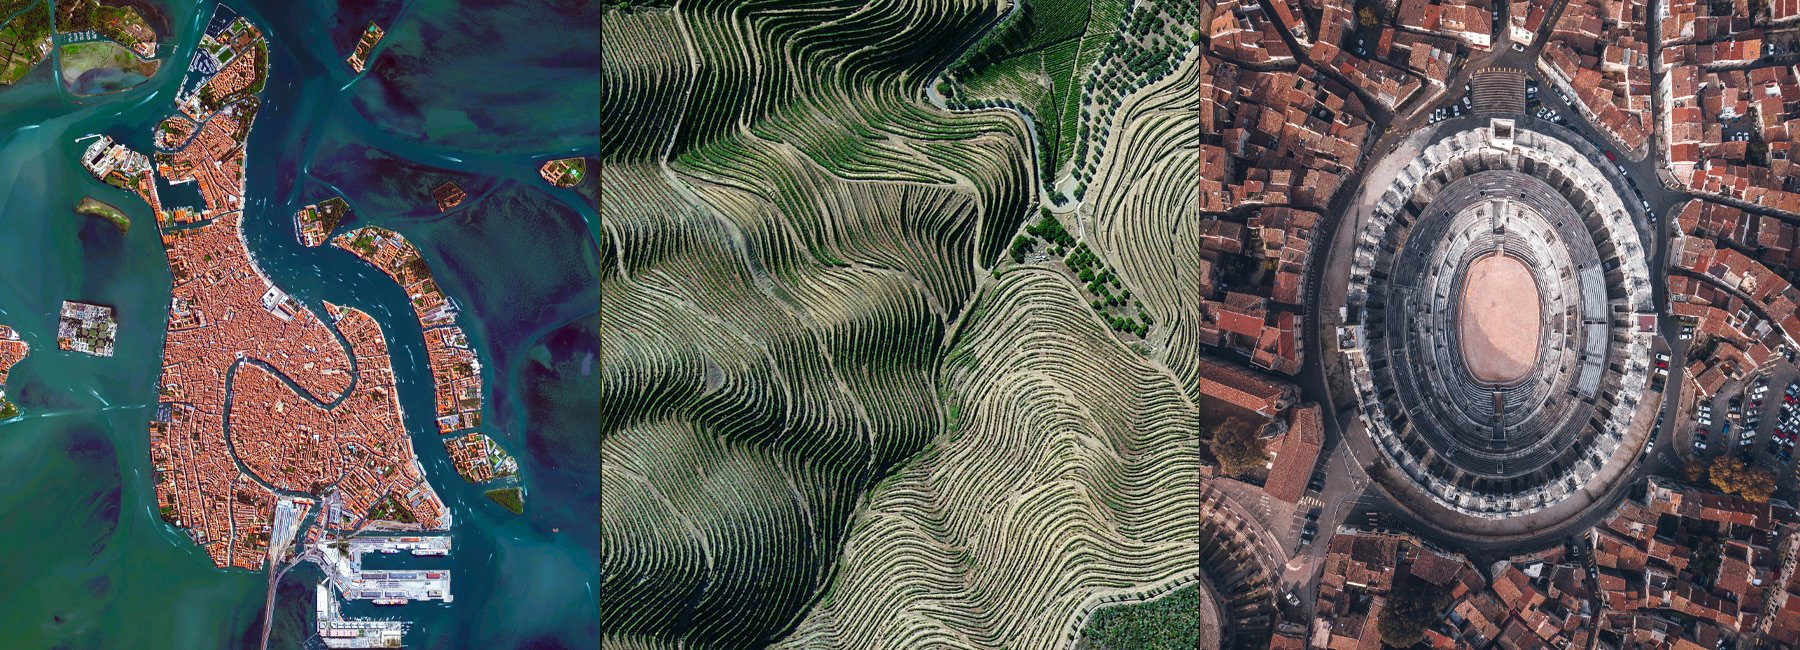 تصاویر هوایی شگفت انگیز از میراث جهانی یونسکو